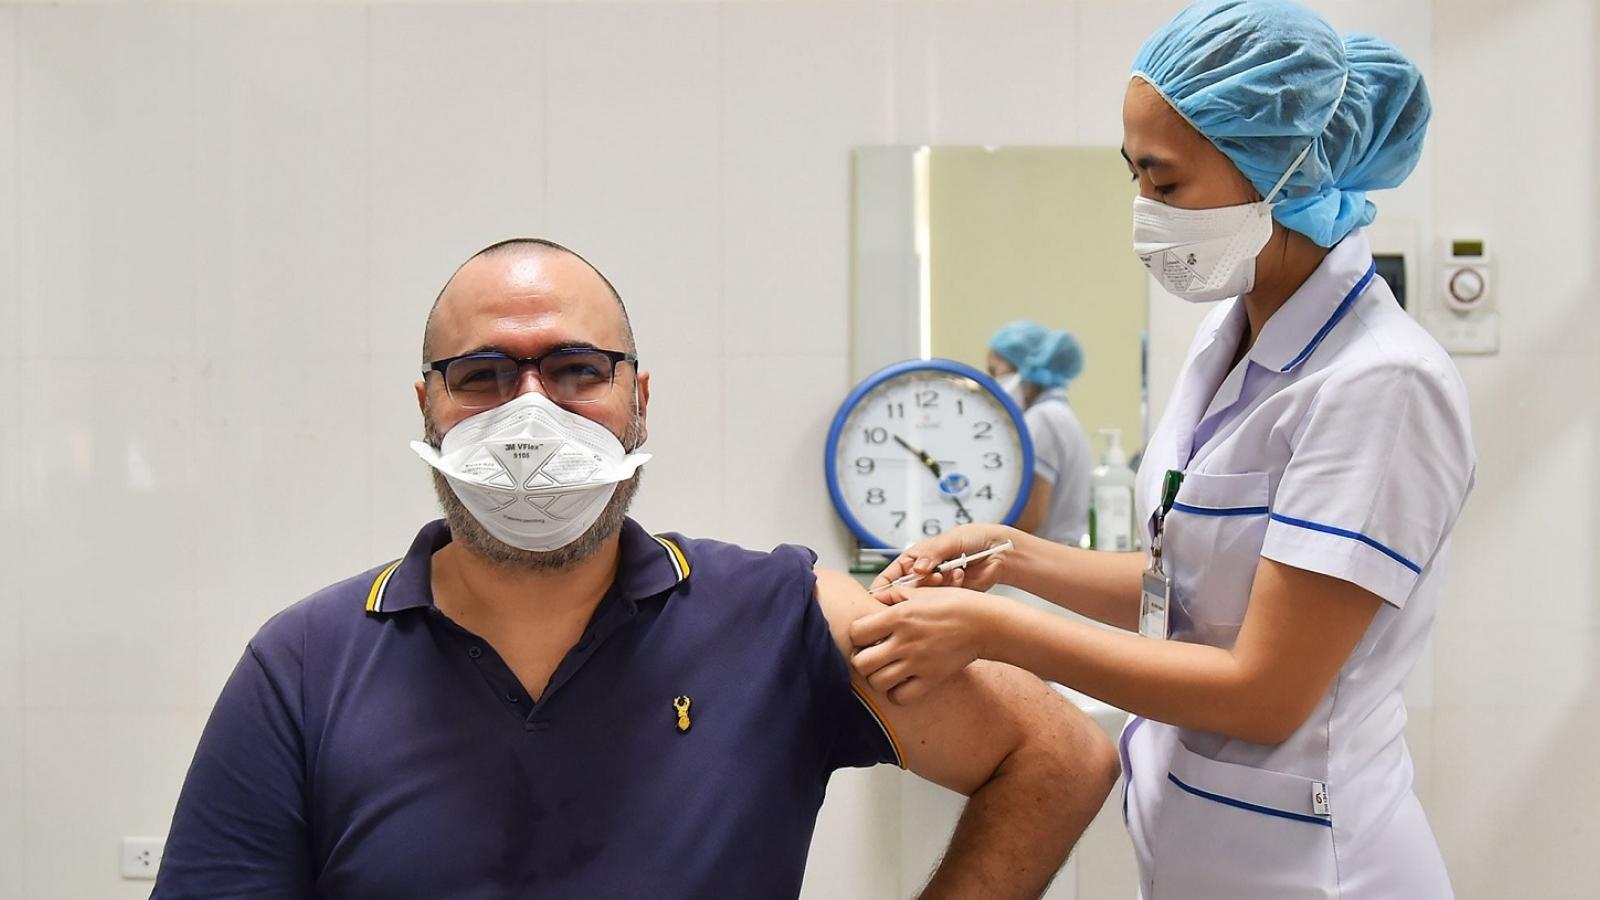 Người nước ngoài ở Việt Nam được đảm bảo chăm sóc y tế, điều trị tích cực nếu mắc Covid-19